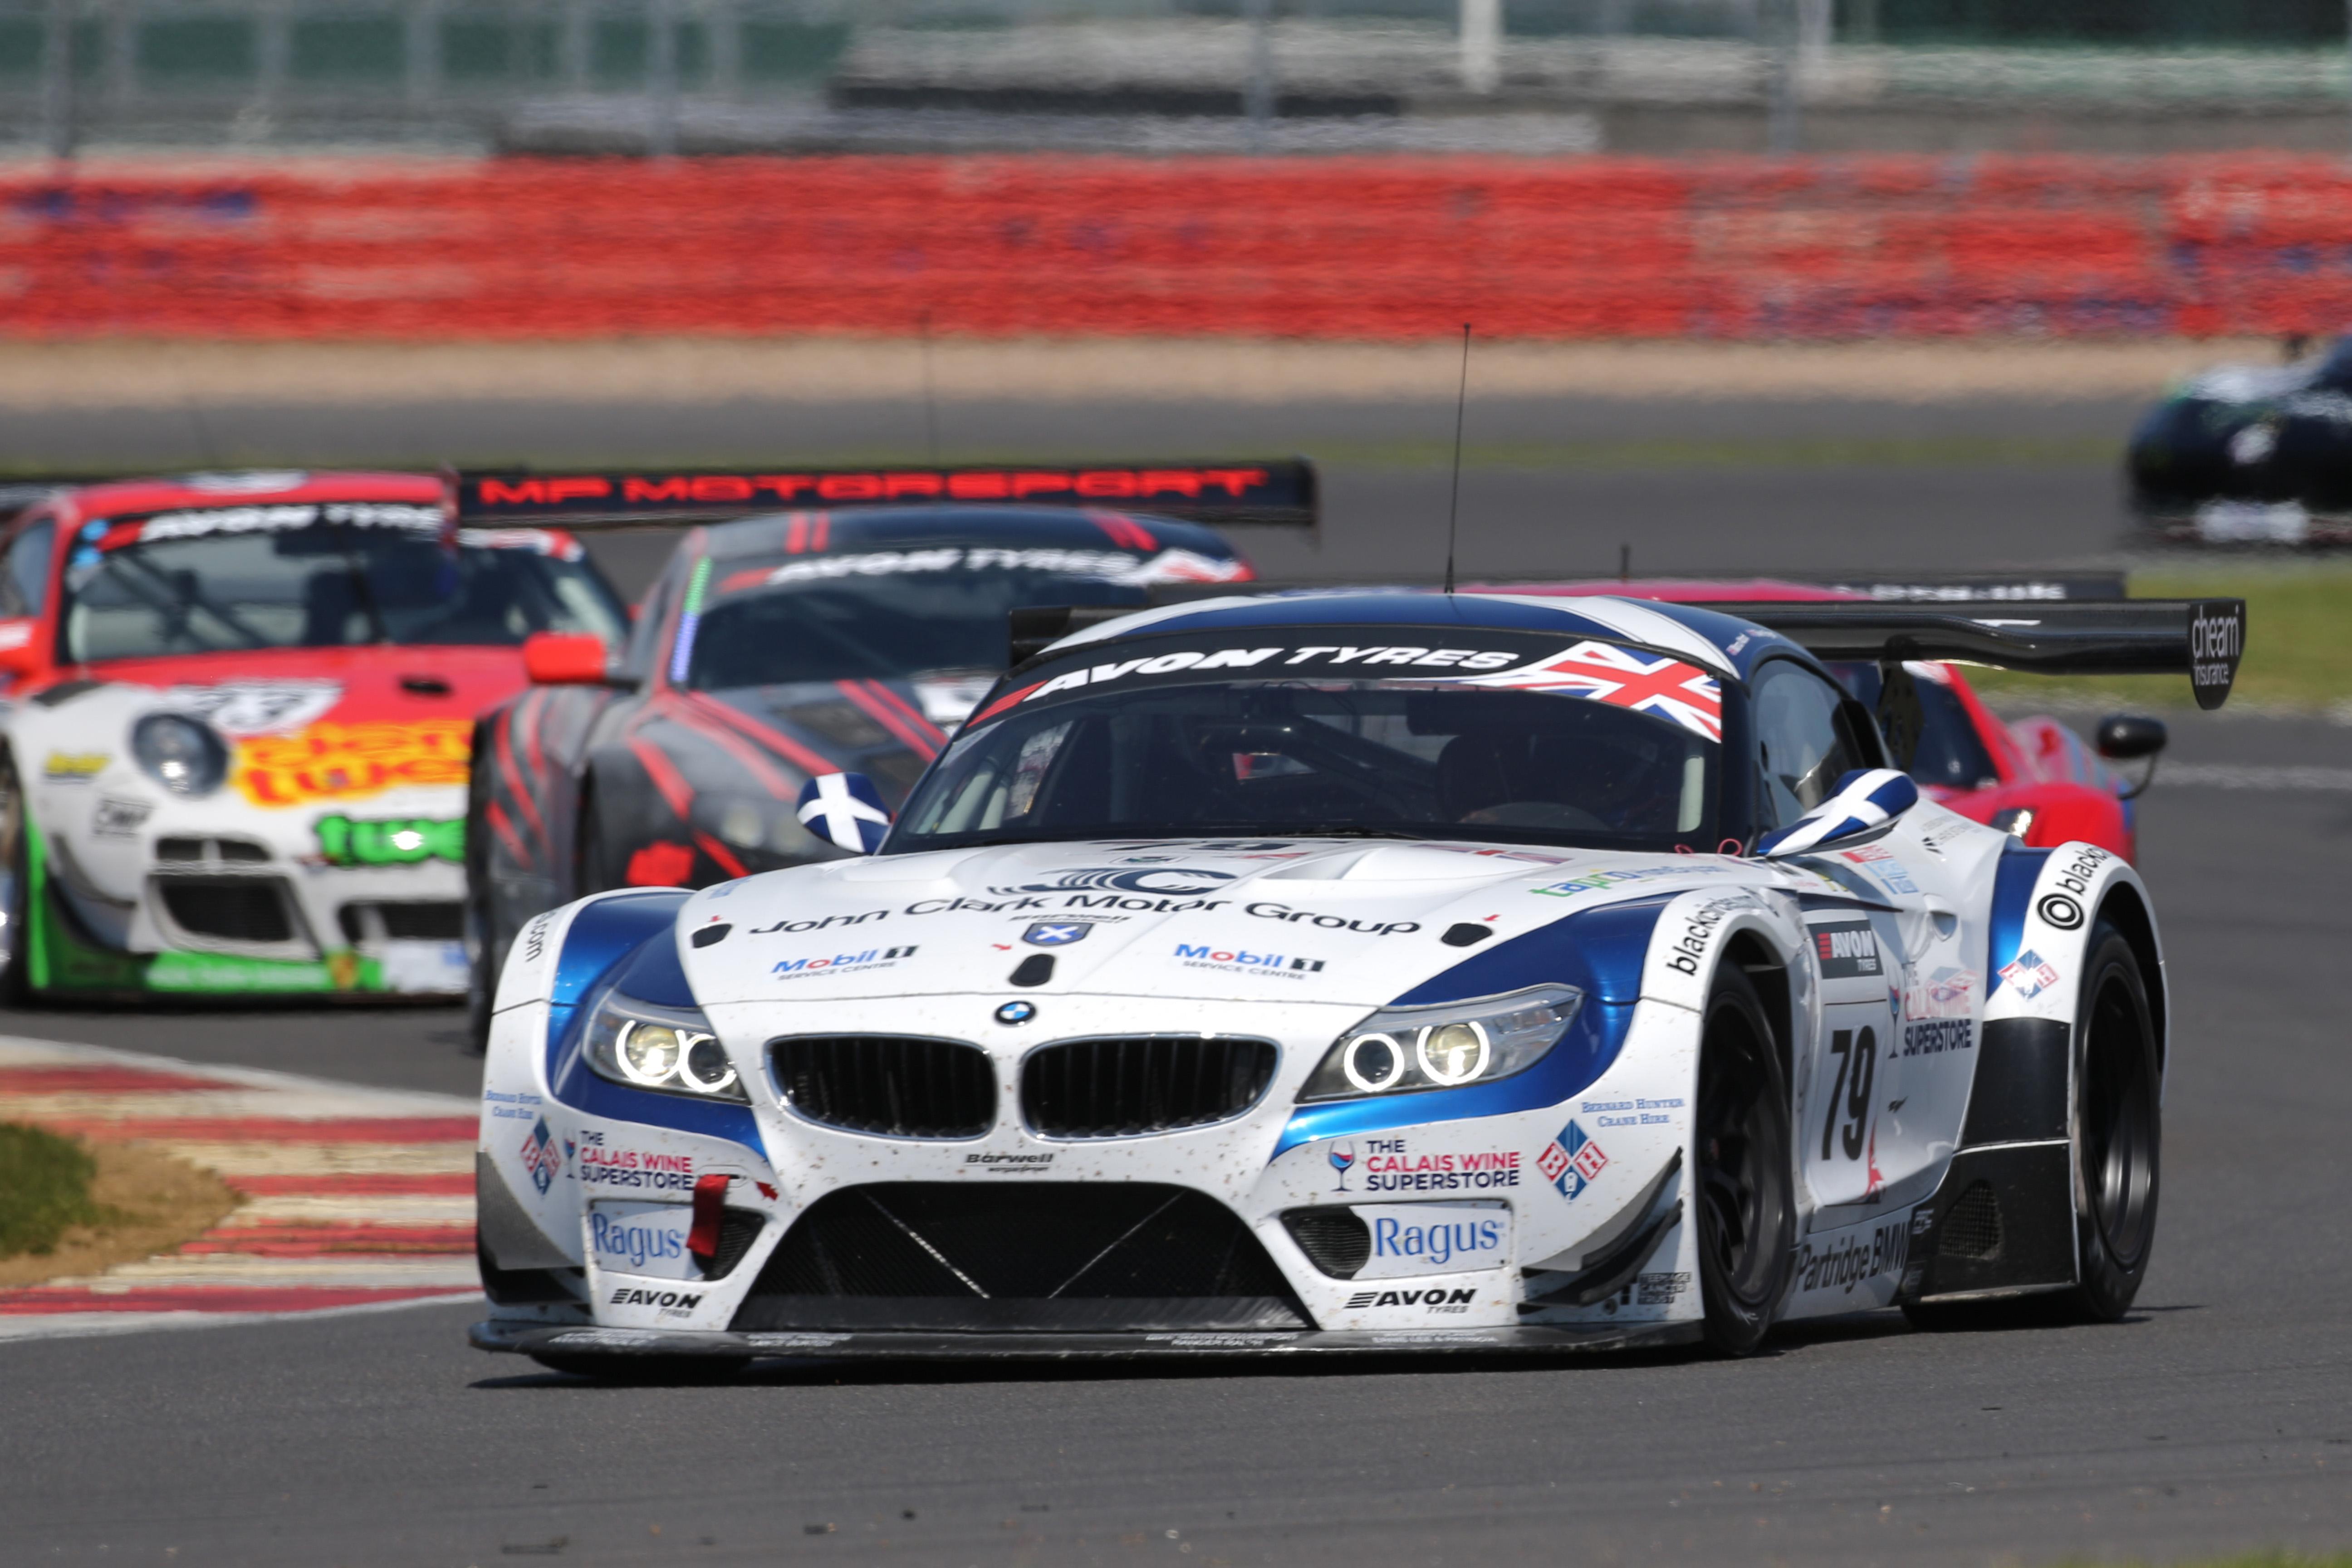 British Gt 2013 Page 16 Tentenths Motorsport Forum